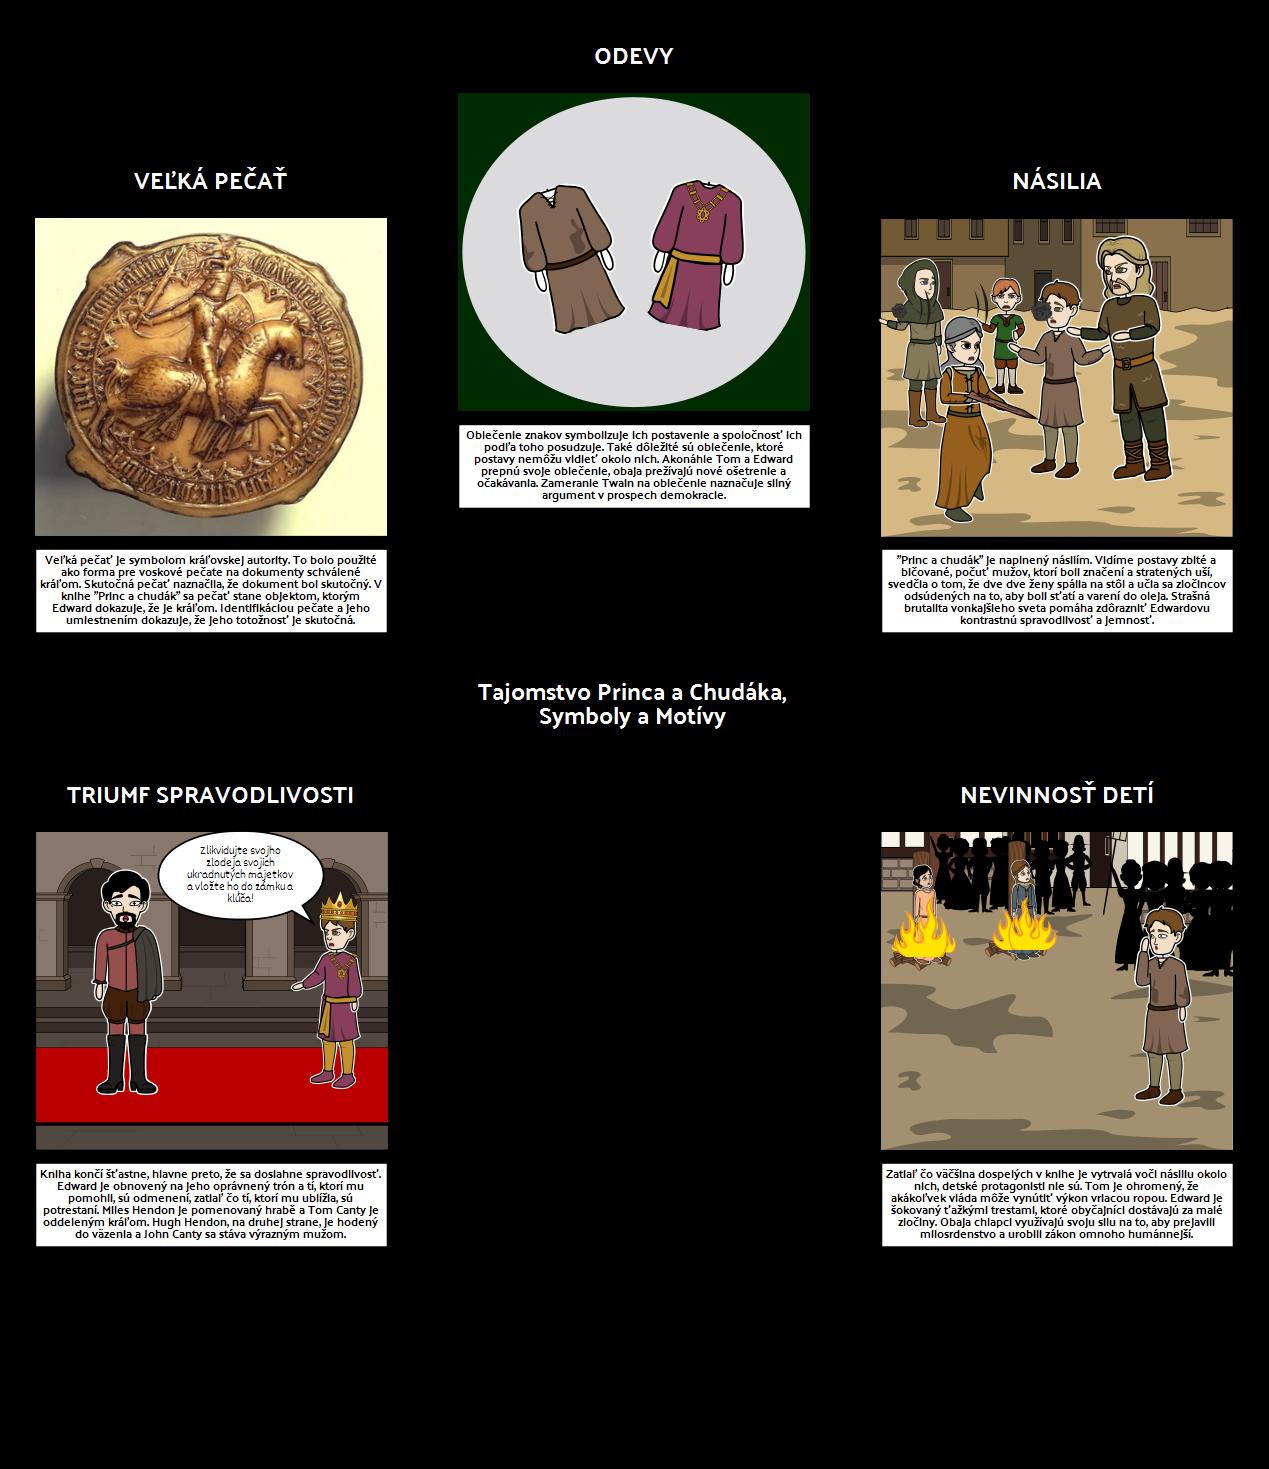 Tajomstvo Princa a Chudáka, Motívy a Symboly